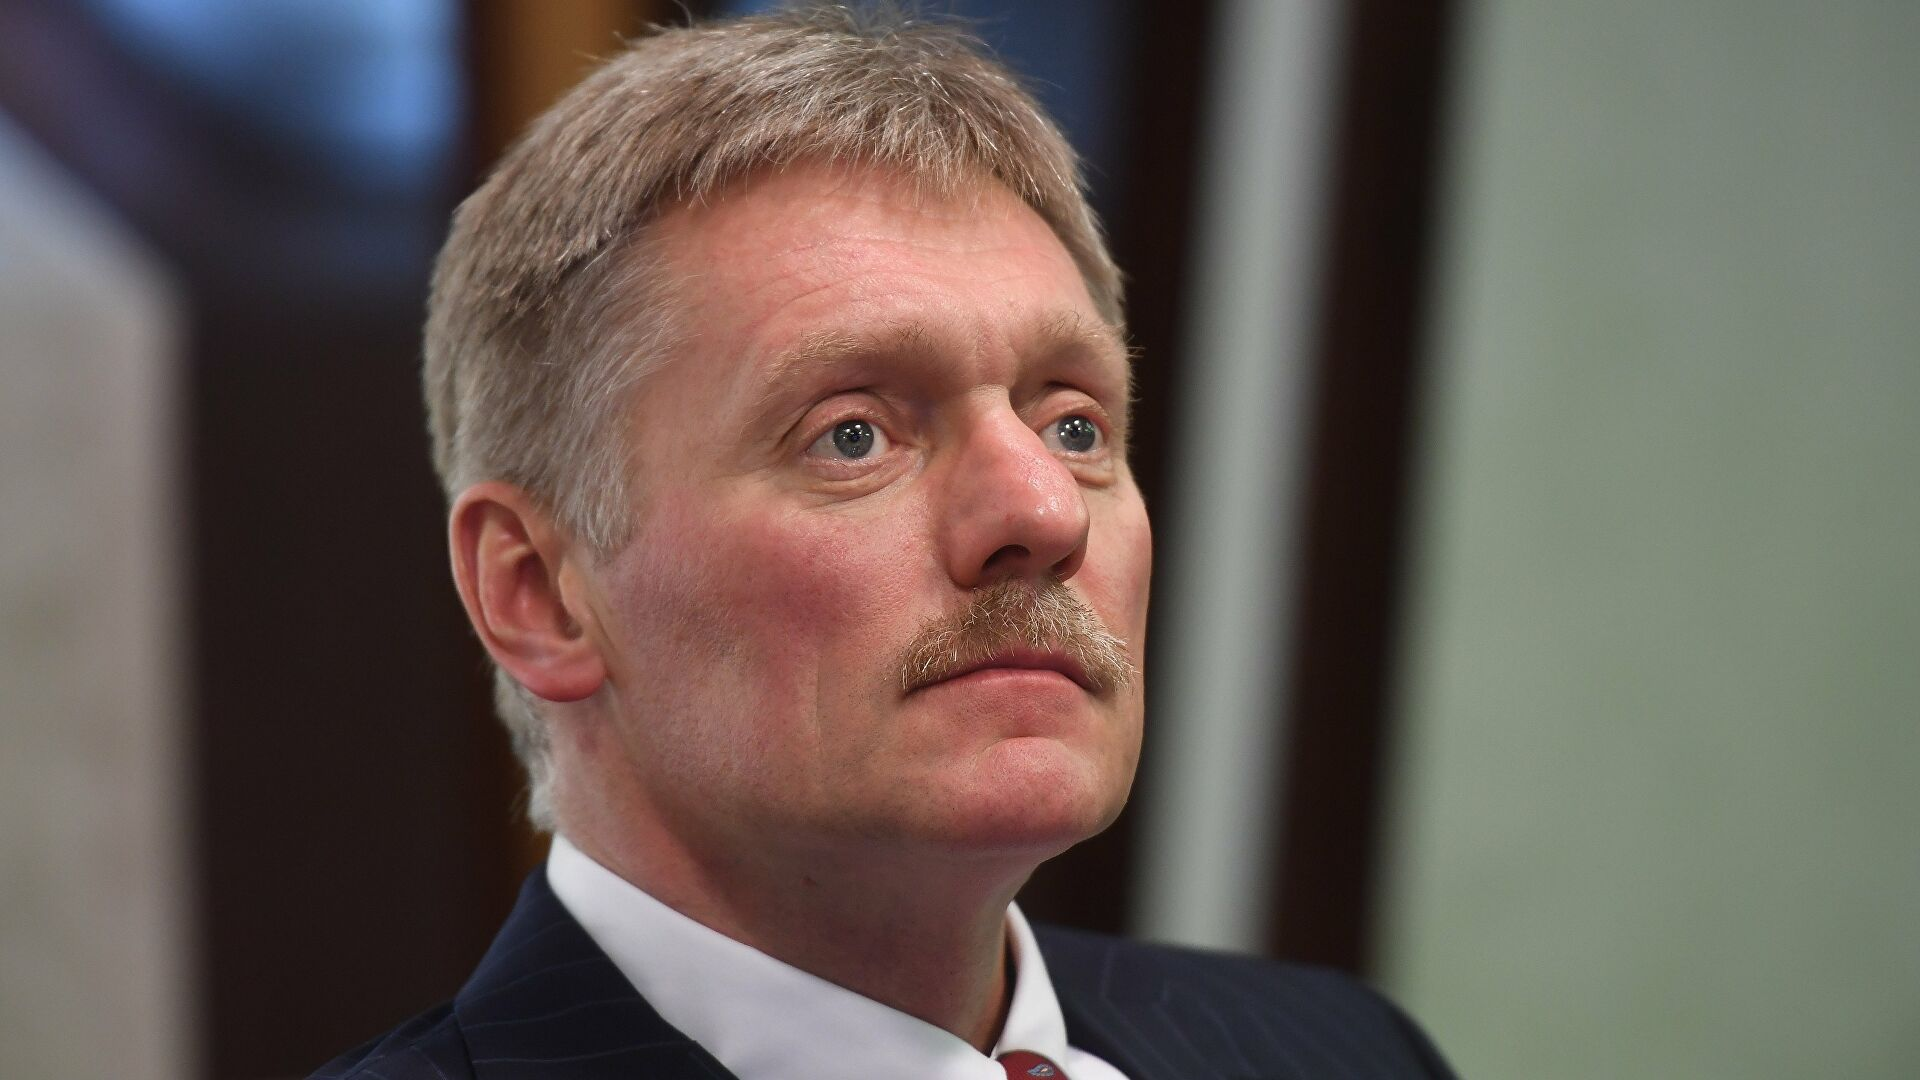 Песков: Жалимо због одлуке Спортског арбитражног суда да забрани председнику Путину да посећује Олимпијске игре и друге међународне спортске догађаје